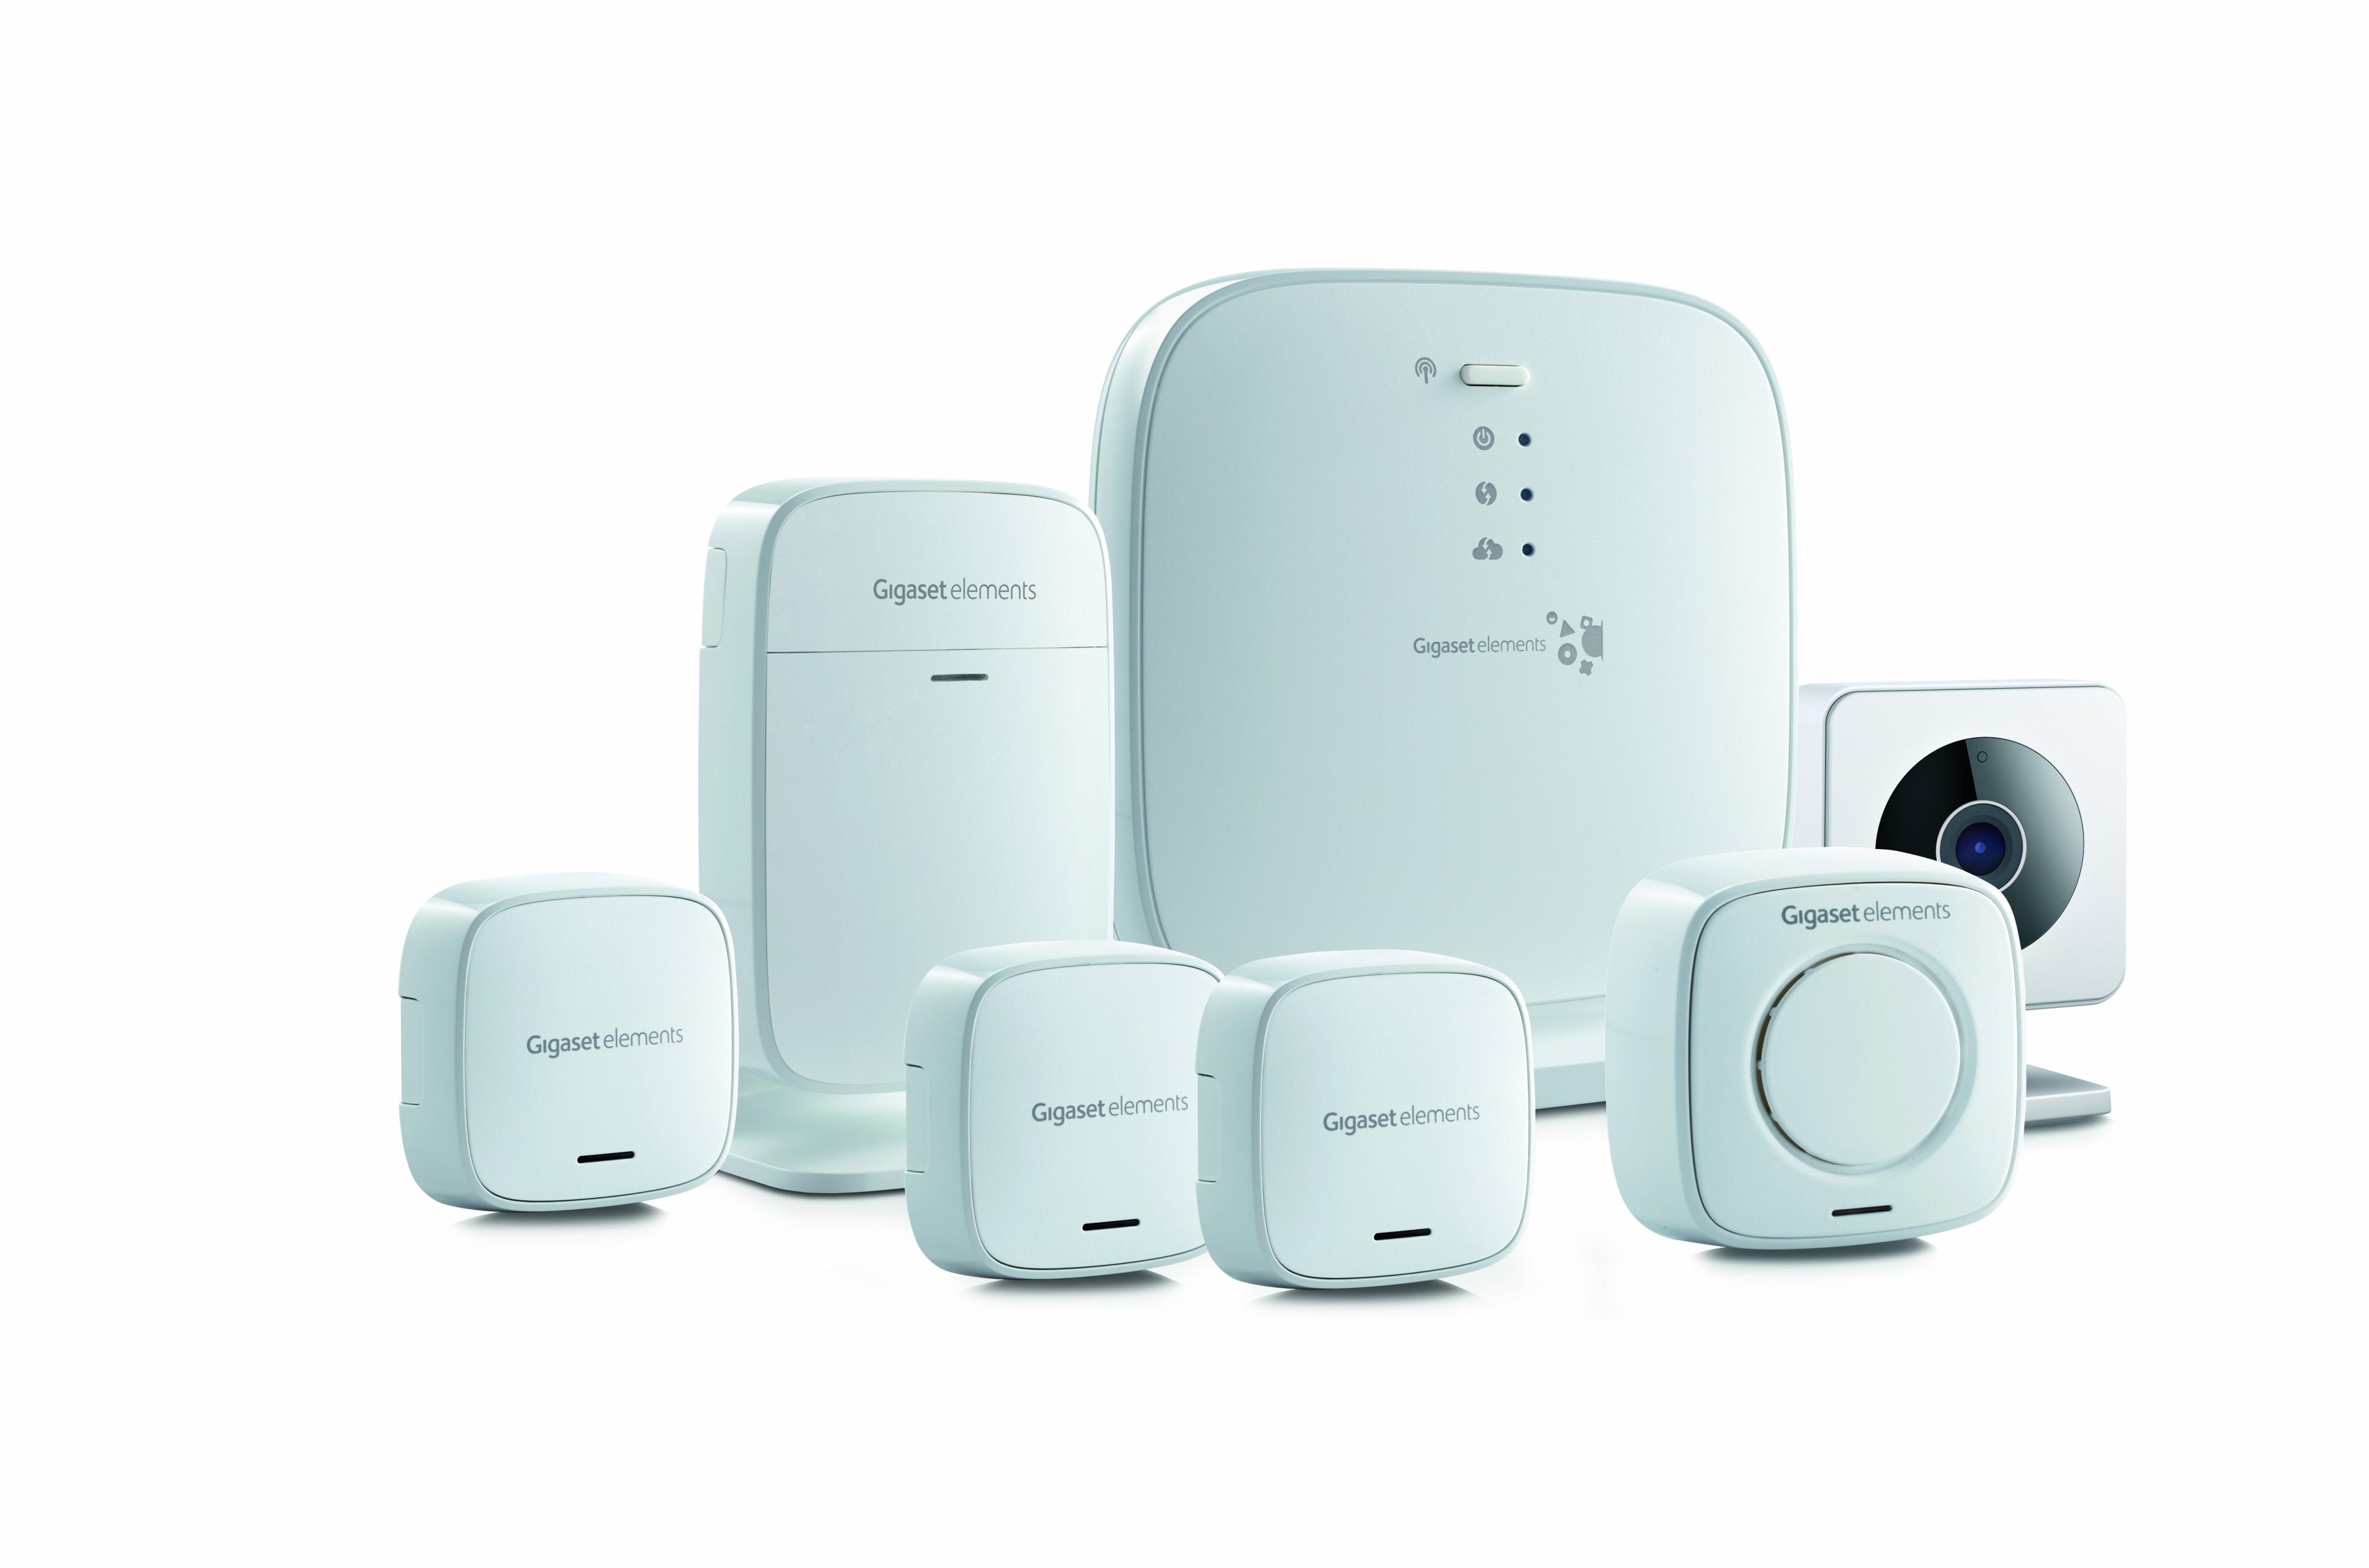 ELIX Polymers, elegida por Gigaset como proveedor para su nuevo sistema de alarmas domésticas